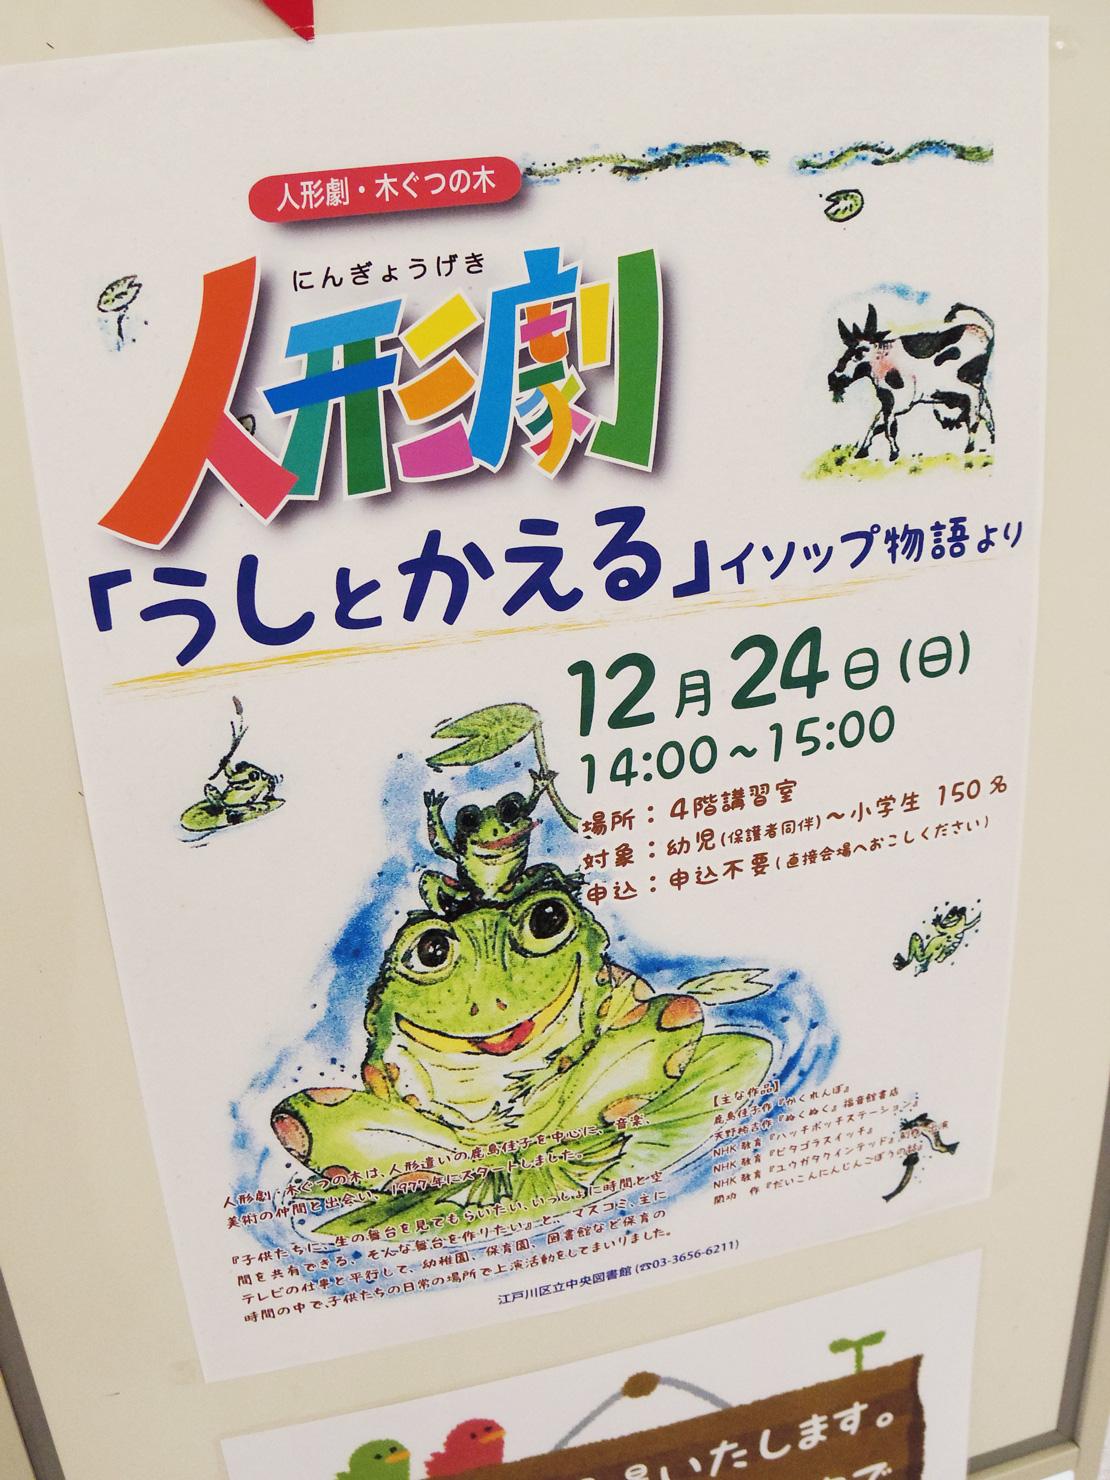 20171224 0 - 2017年12月24日(日)江戸川中央図書館